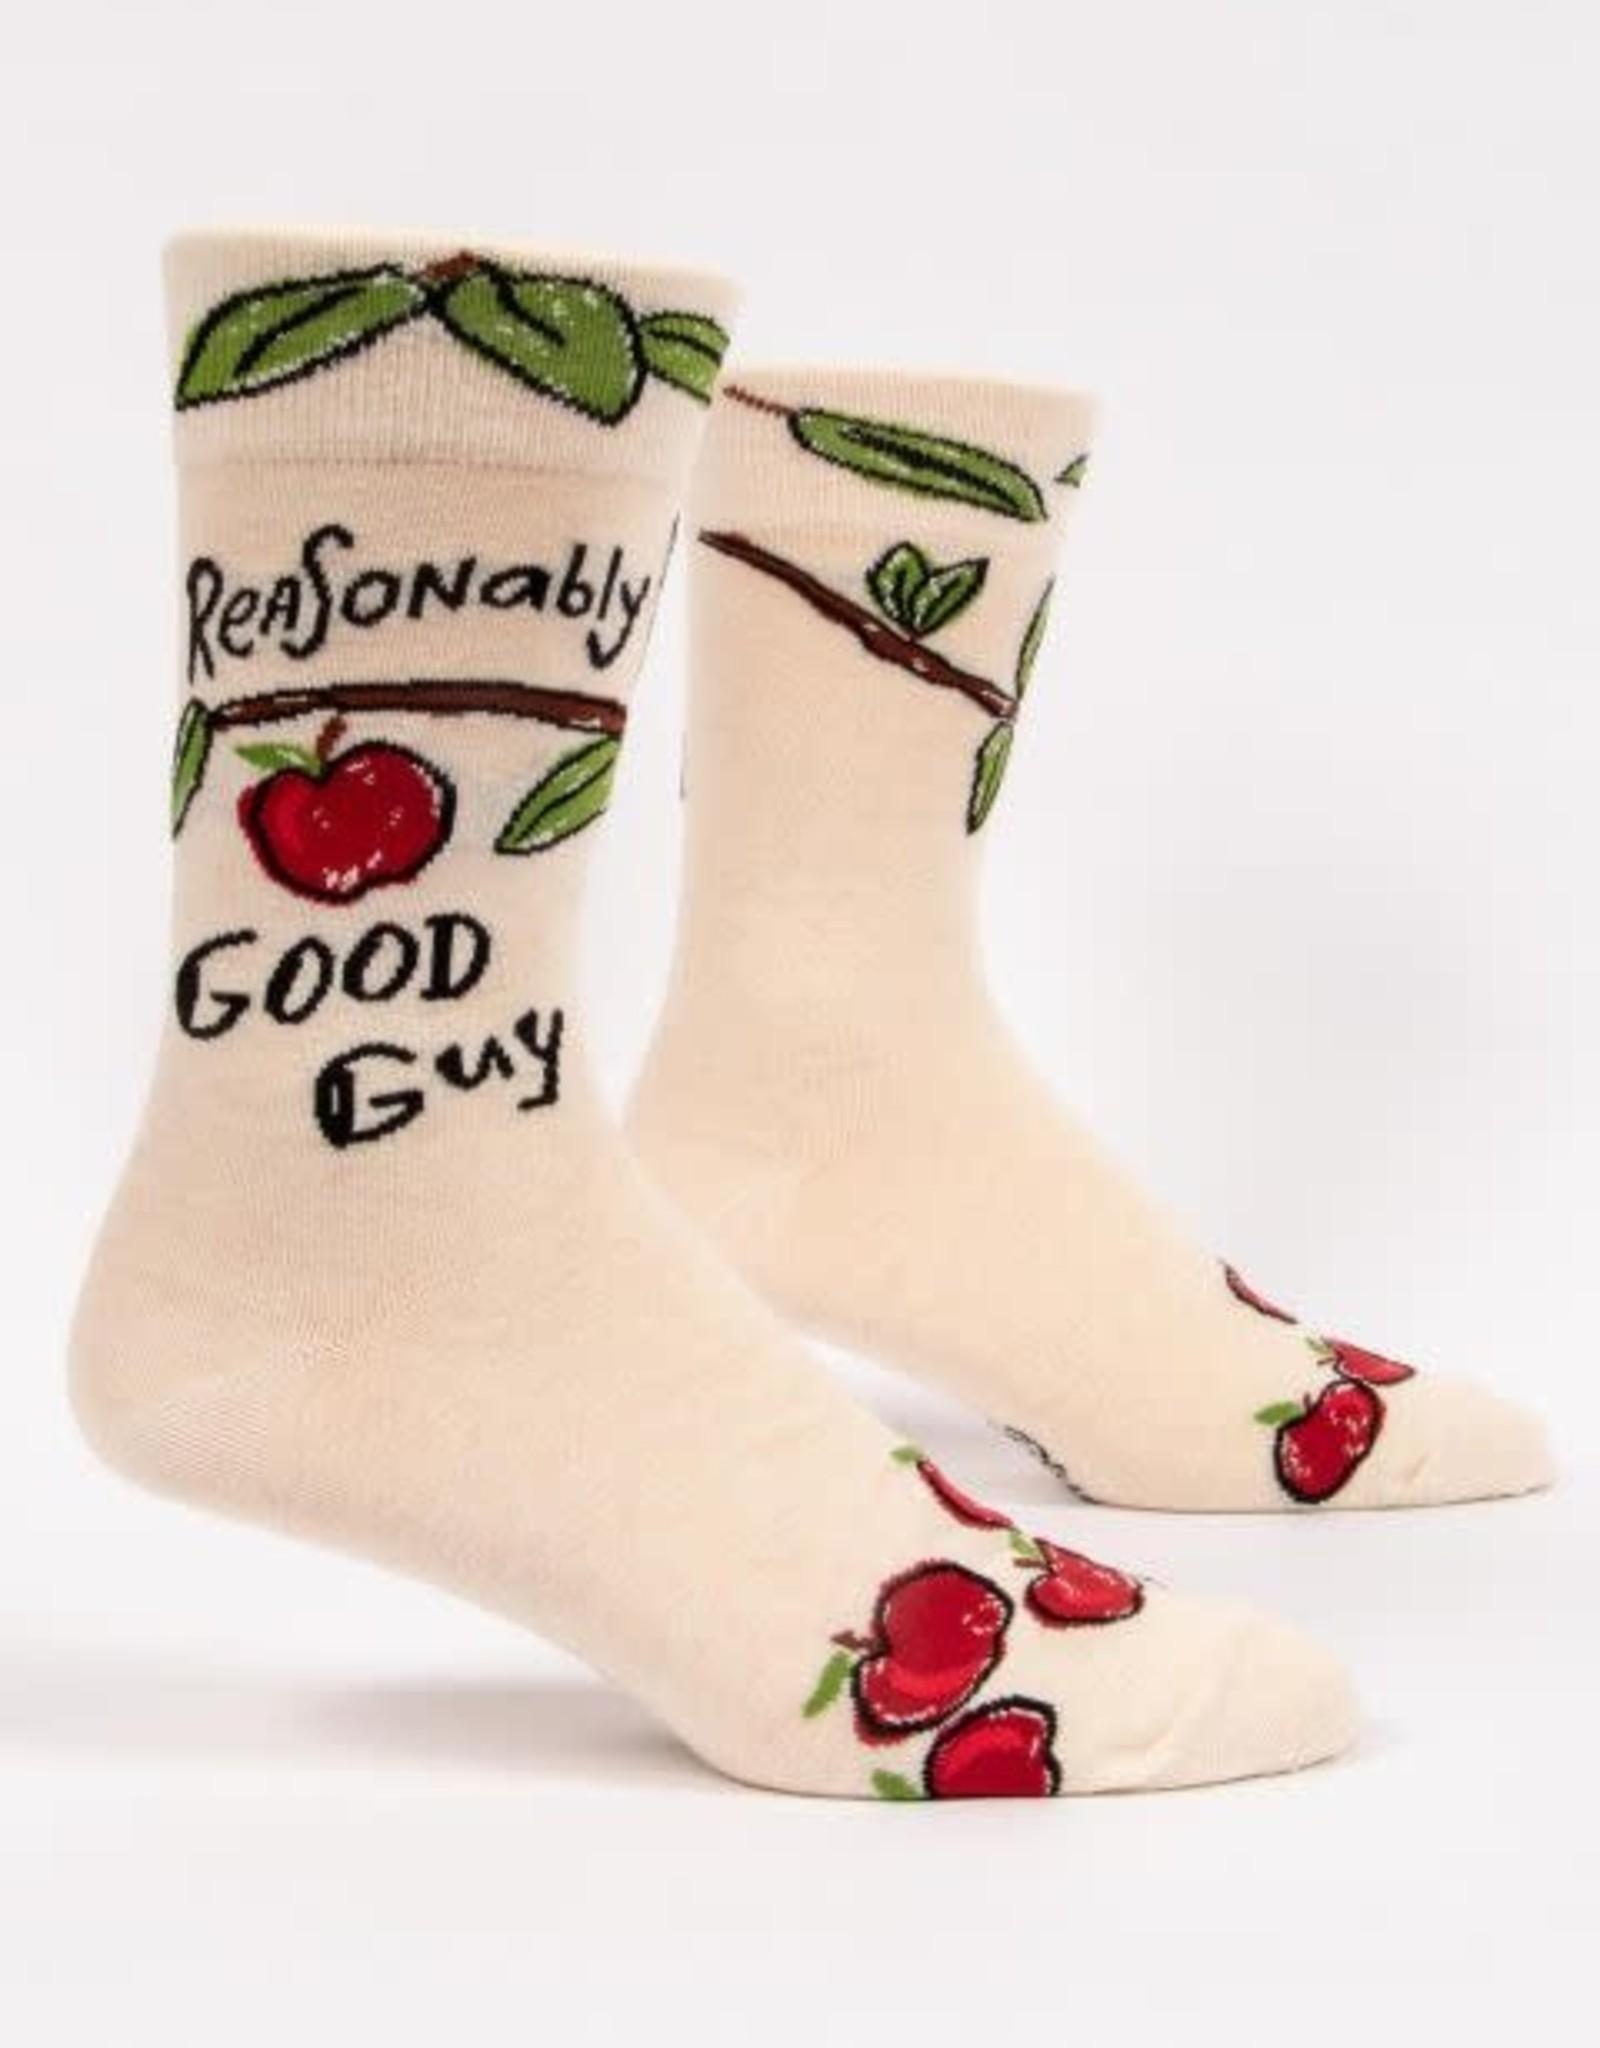 Socks (Mens)  - Reasonably Good Guy